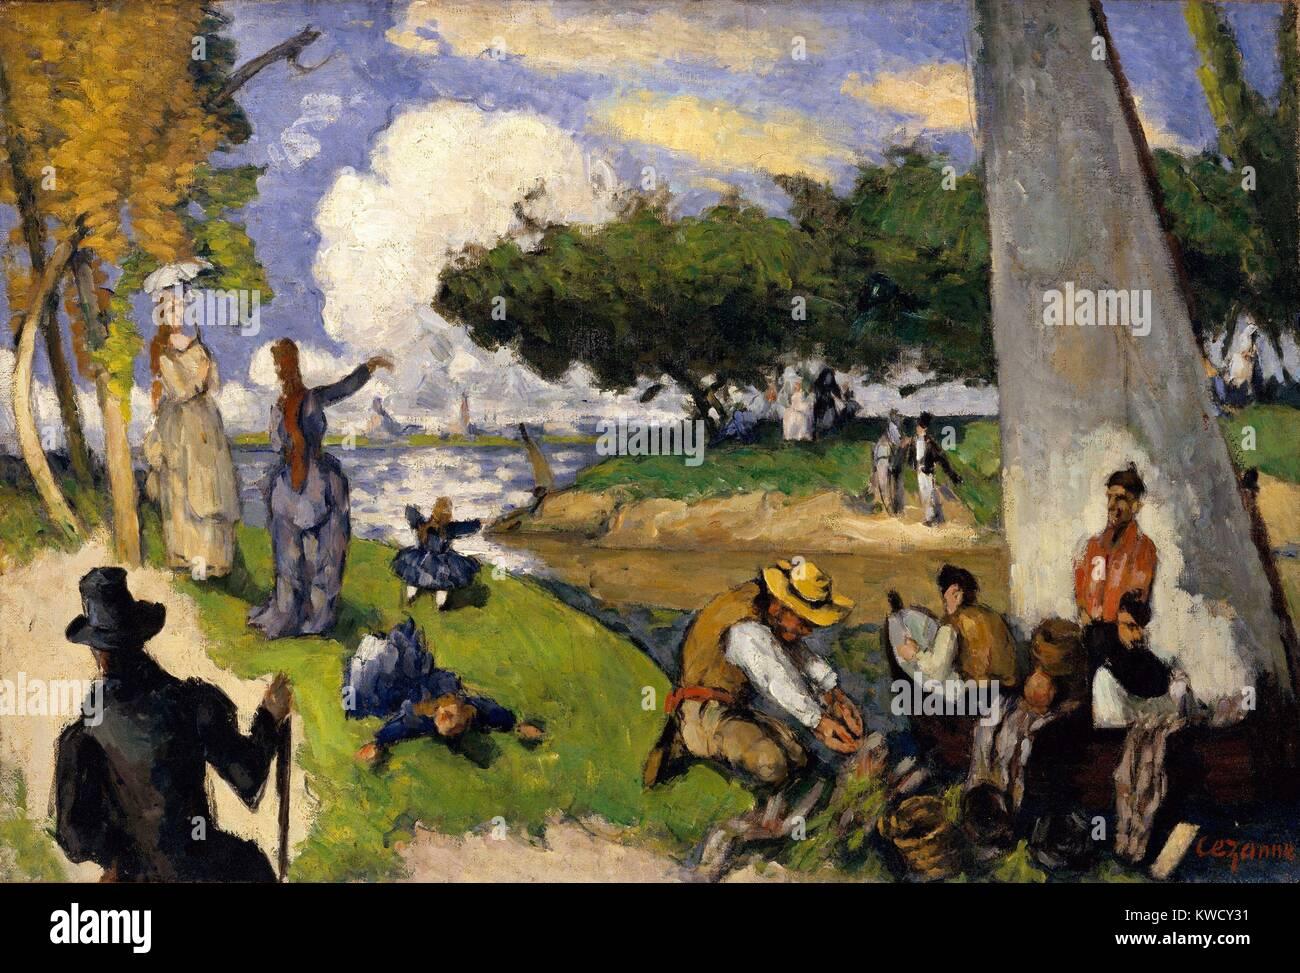 Fischer (fantastische Szene), von Paul Cezanne, 1875, French Post-Impressionist Öl Malerei. Diese imaginierte Szene Stockfoto